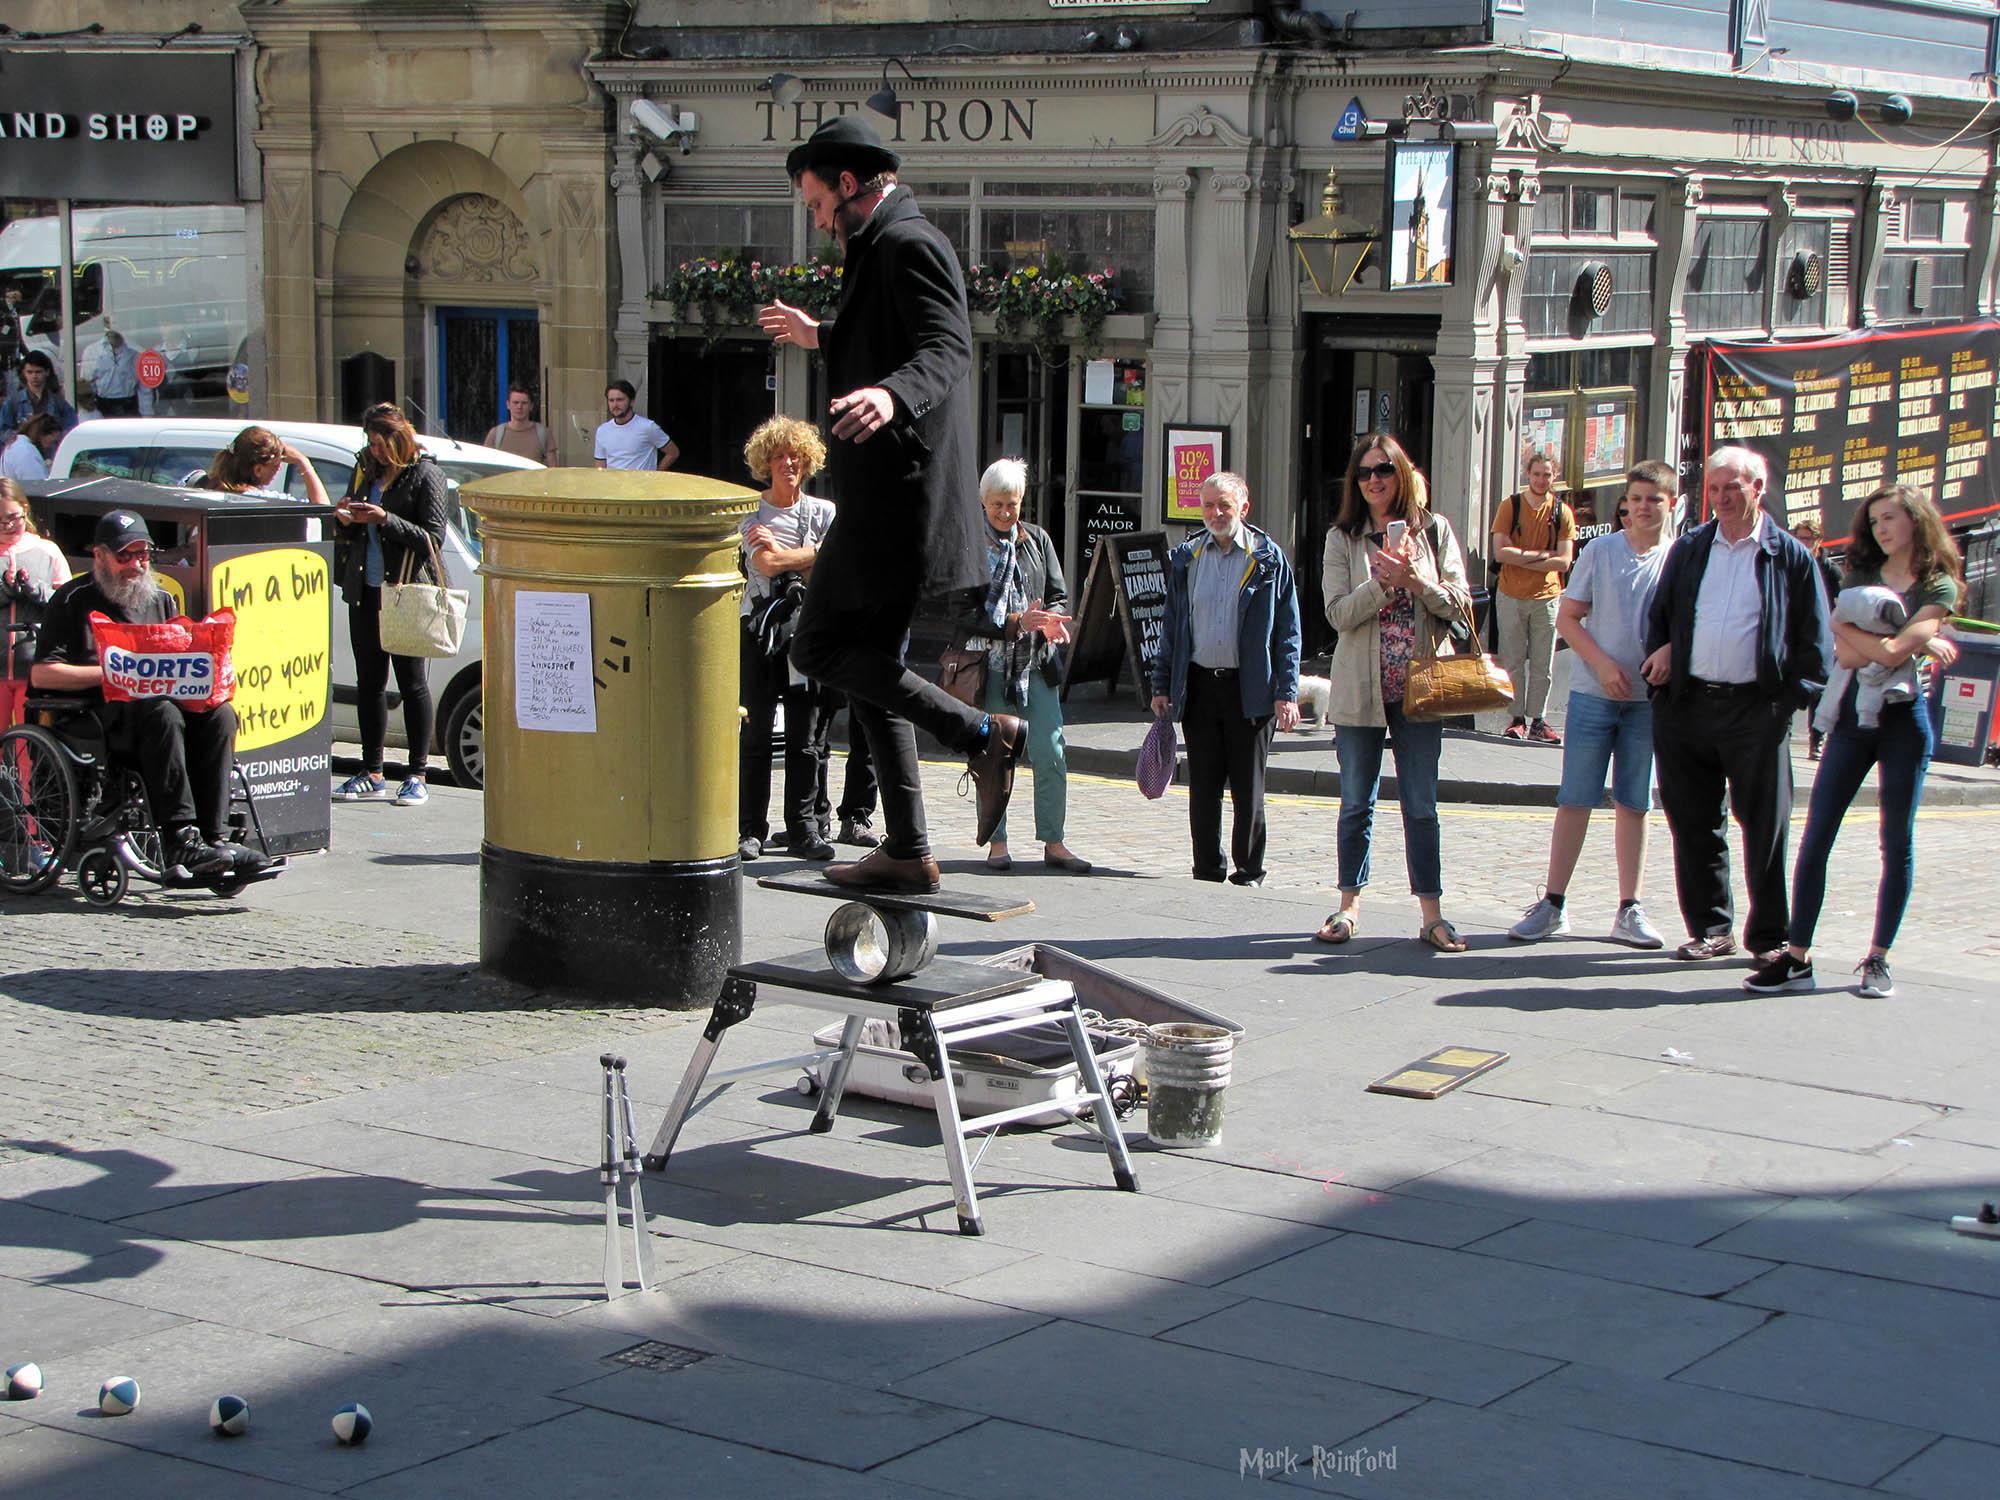 Edinburgh Festival Fringe - Street Performers